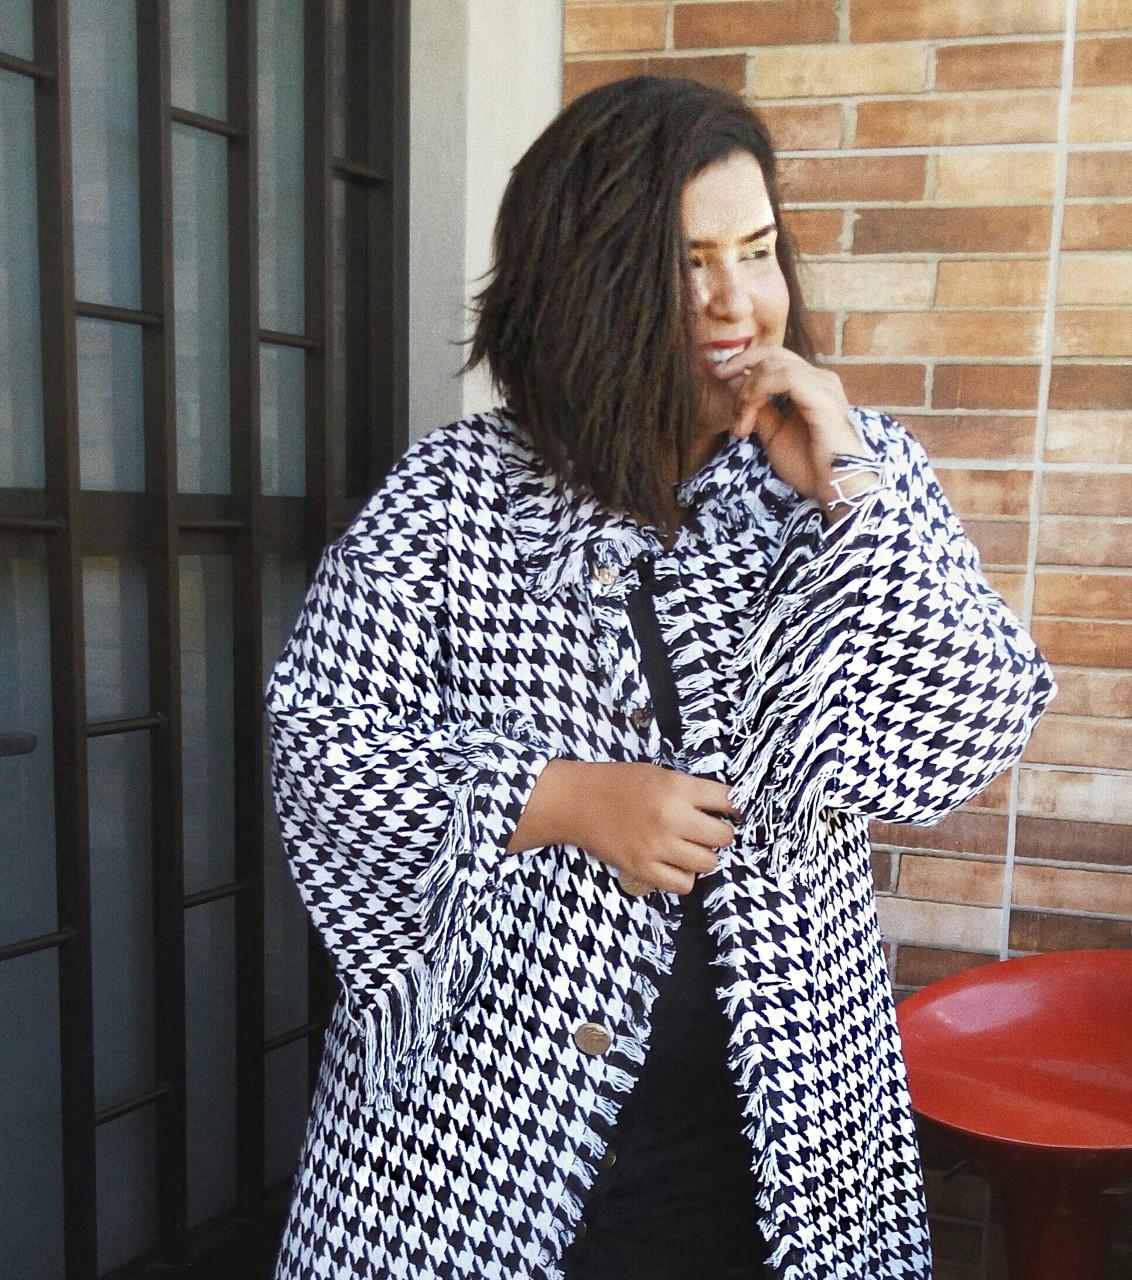 Colocando os casacos para jogo - Chega logo inverno - Casaco SheIn